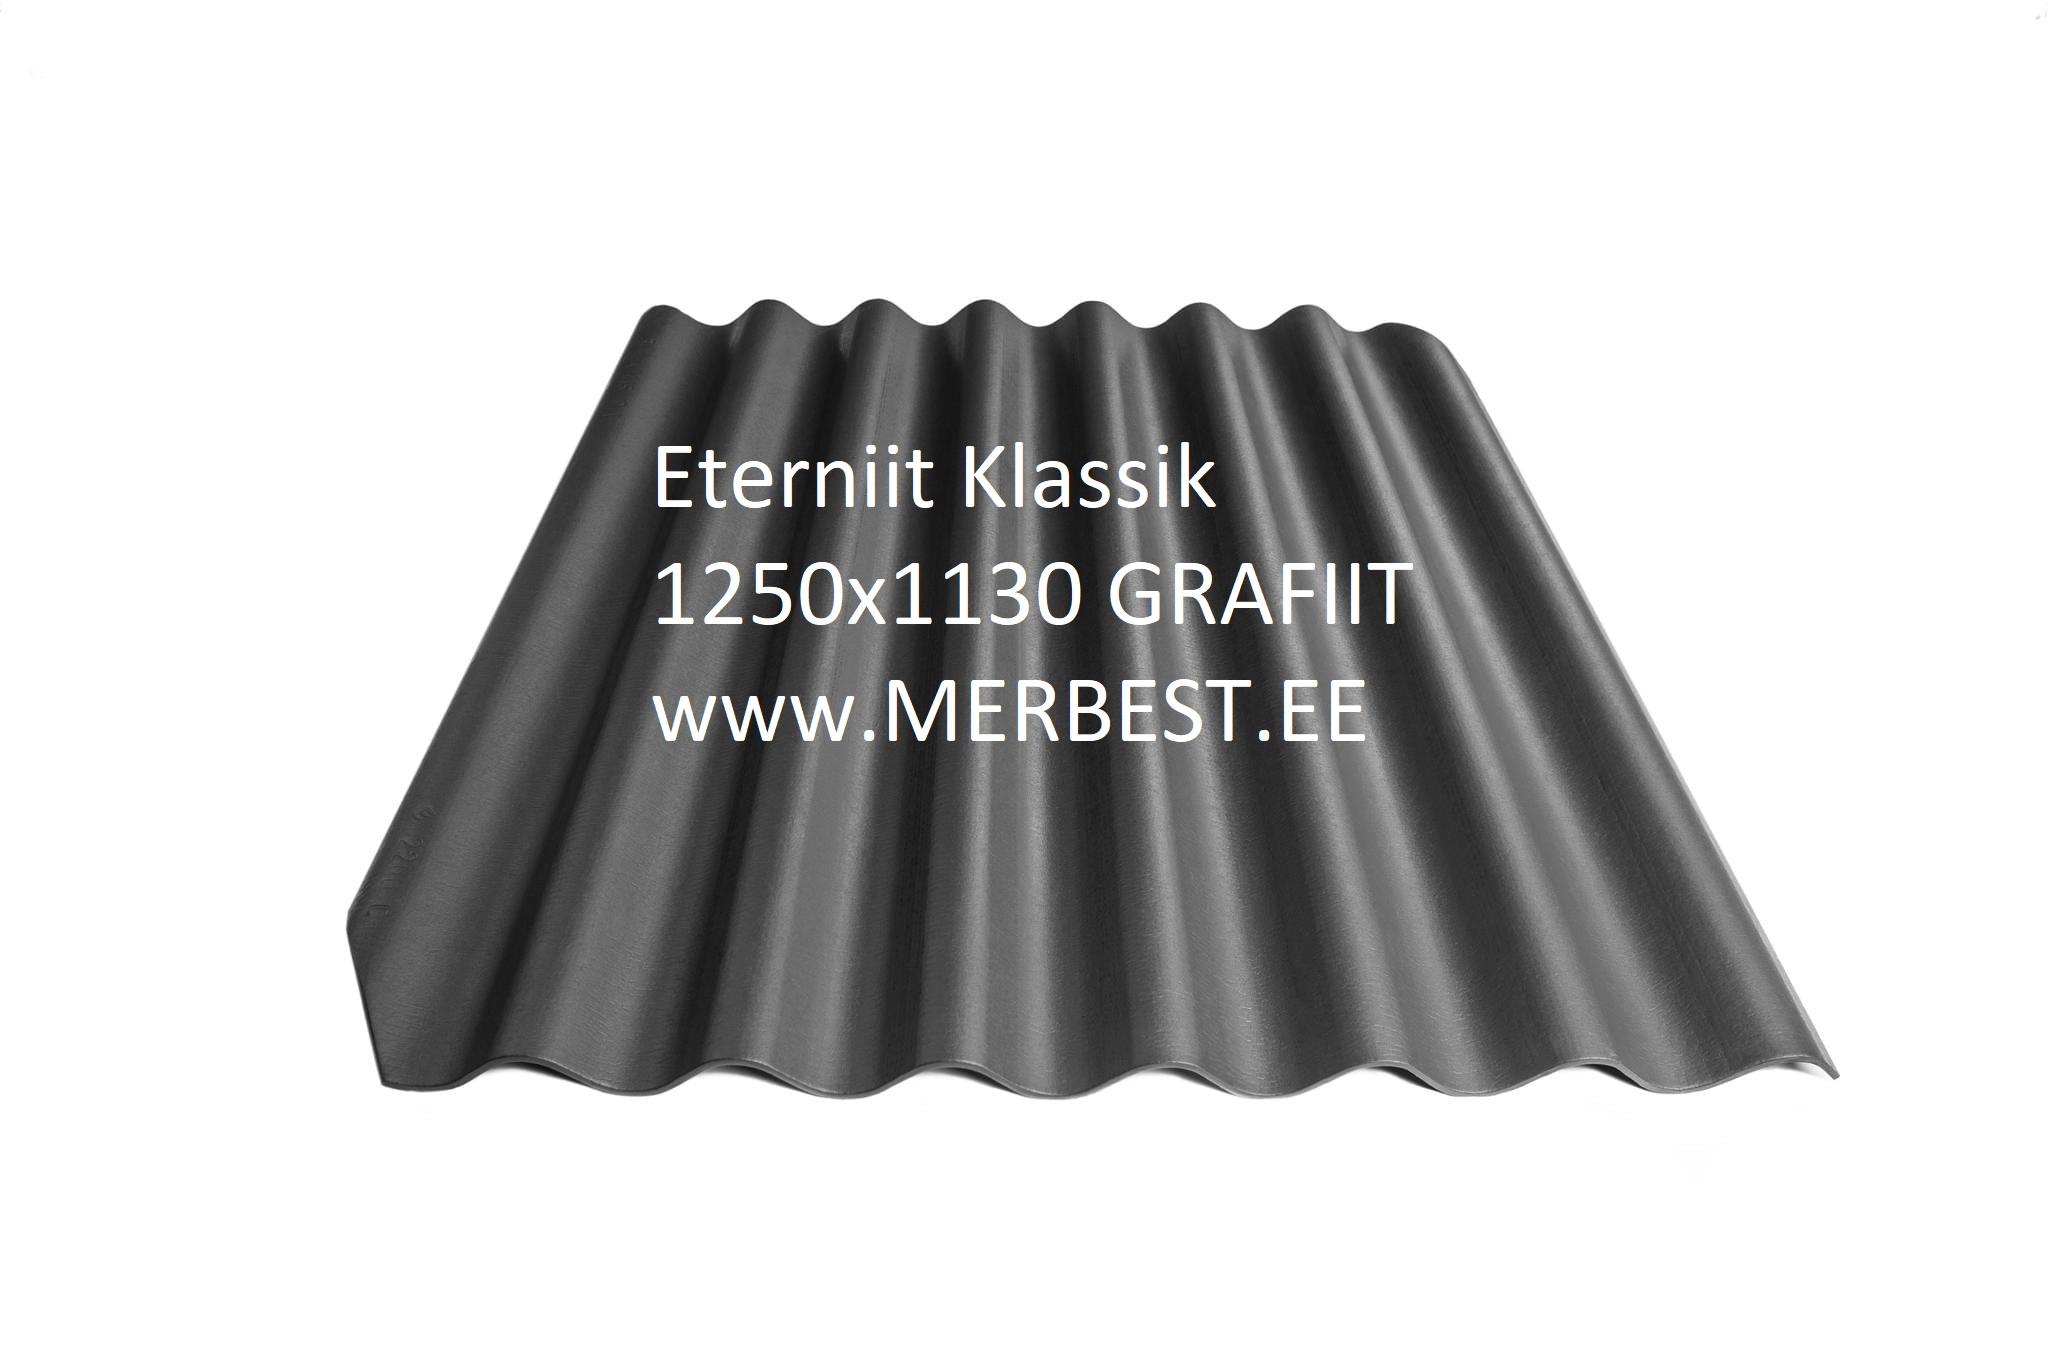 Eterniit grafiit, Eterniit-Klasika-BL92-grafiit-1250×1130-eterniit-eterniidi-müük-katuseplaat-laineplaat-eterniidi-vahetus-katusetööd-merbest-ou